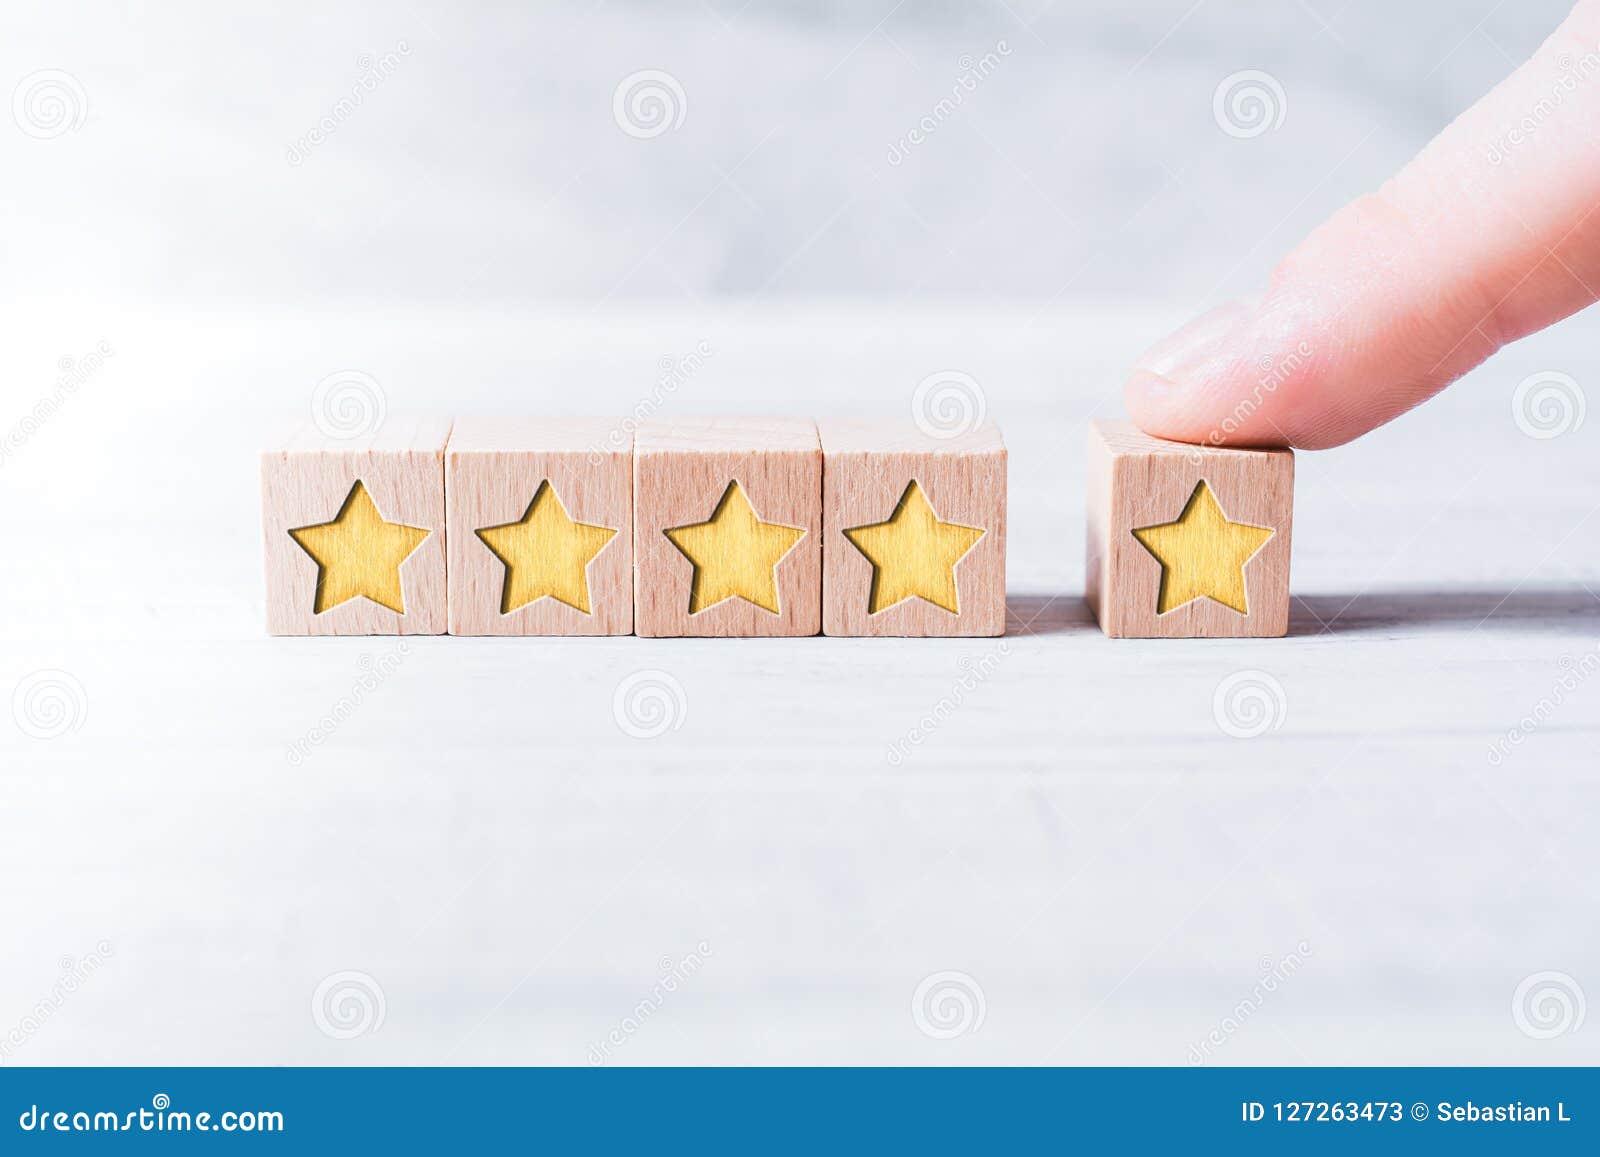 Graduación de cinco estrellas formada por los bloques de madera y dispuesta por un finger masculino en una tabla blanca